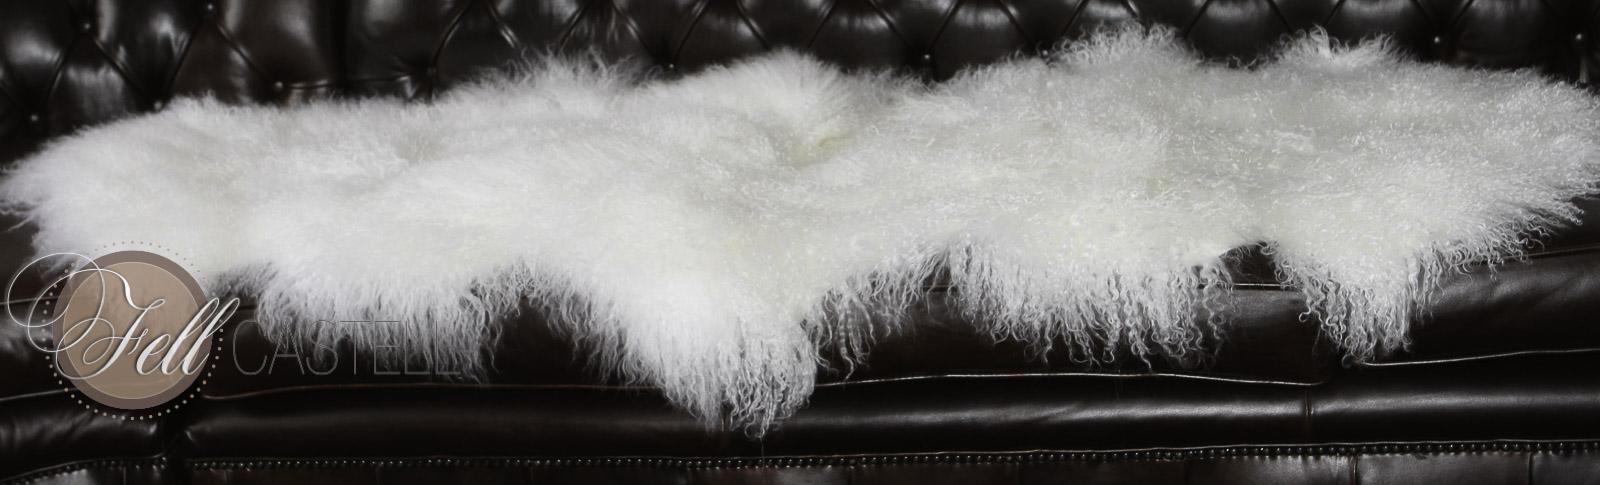 tibet lammfell teppich schnee weiss tibetlamm decke 2 felle 2 felle lammfell schaffell shop. Black Bedroom Furniture Sets. Home Design Ideas